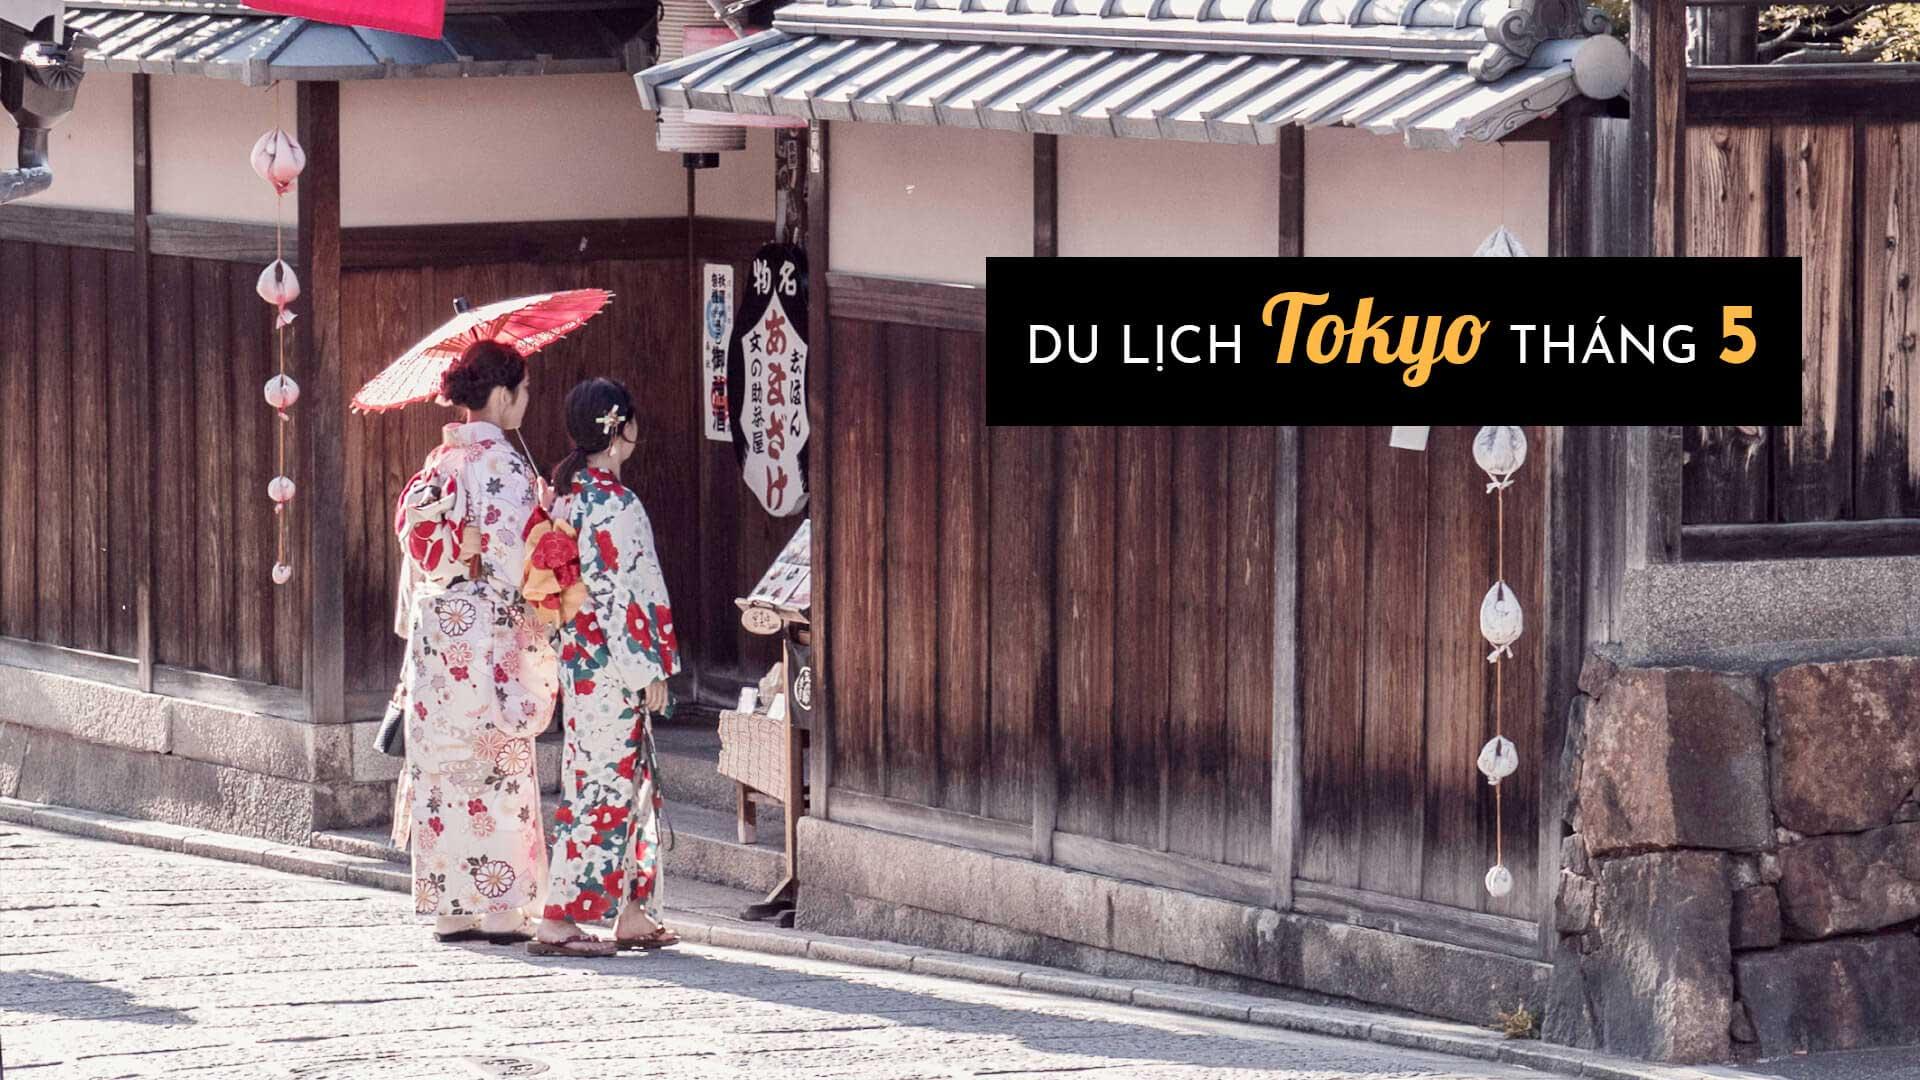 Cẩm nang du lịch Tokyo tháng 5 dành cho người đi lần đầu